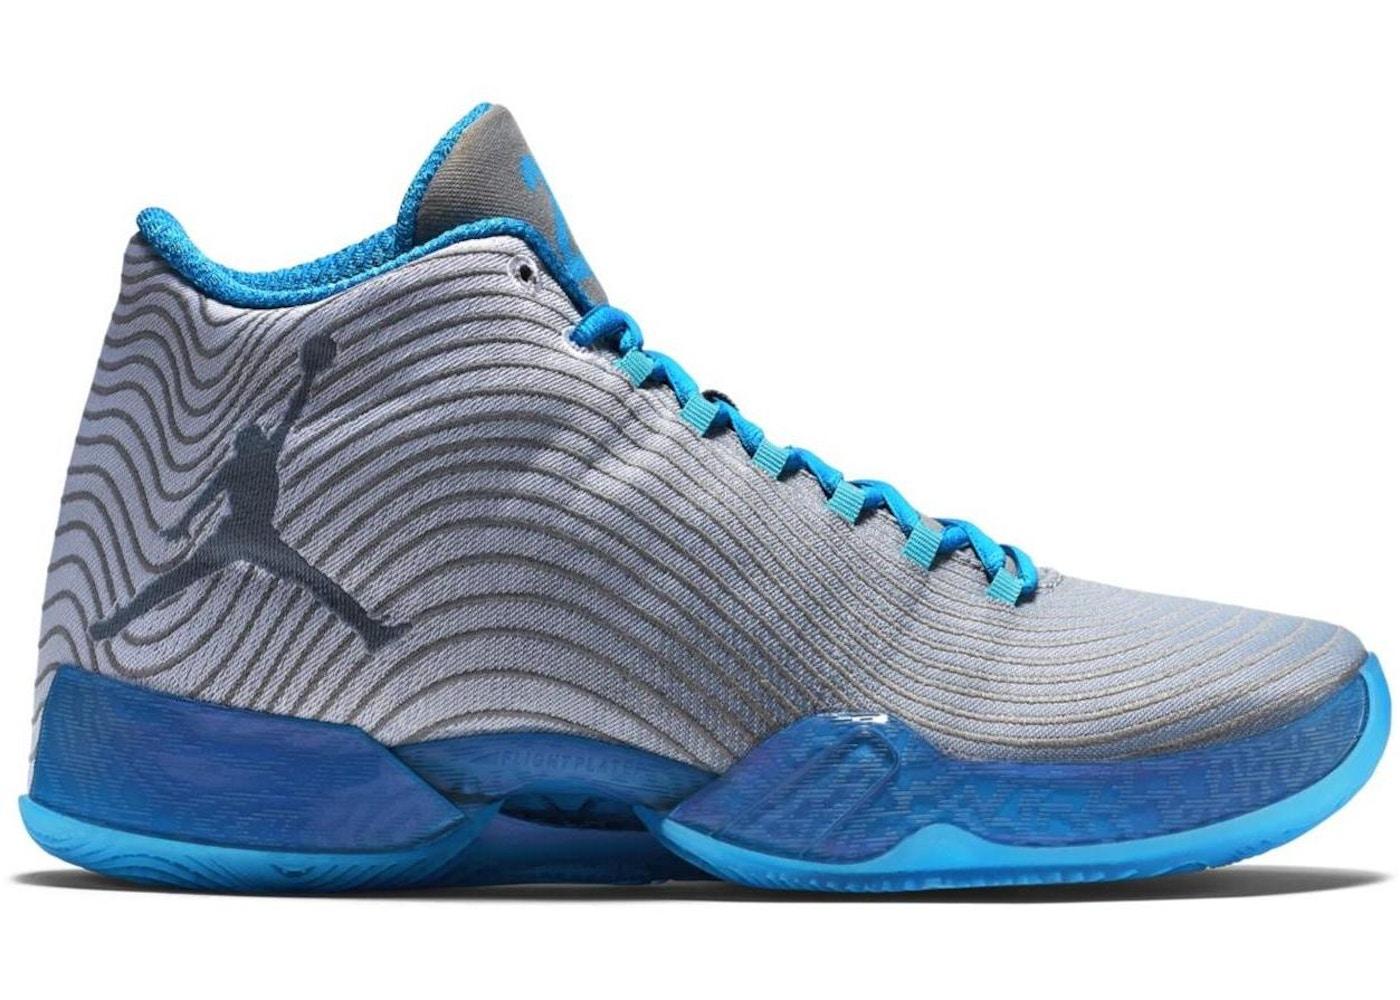 2598917fb259 Air Jordan 29 Size 7.5 Shoes - Most Popular